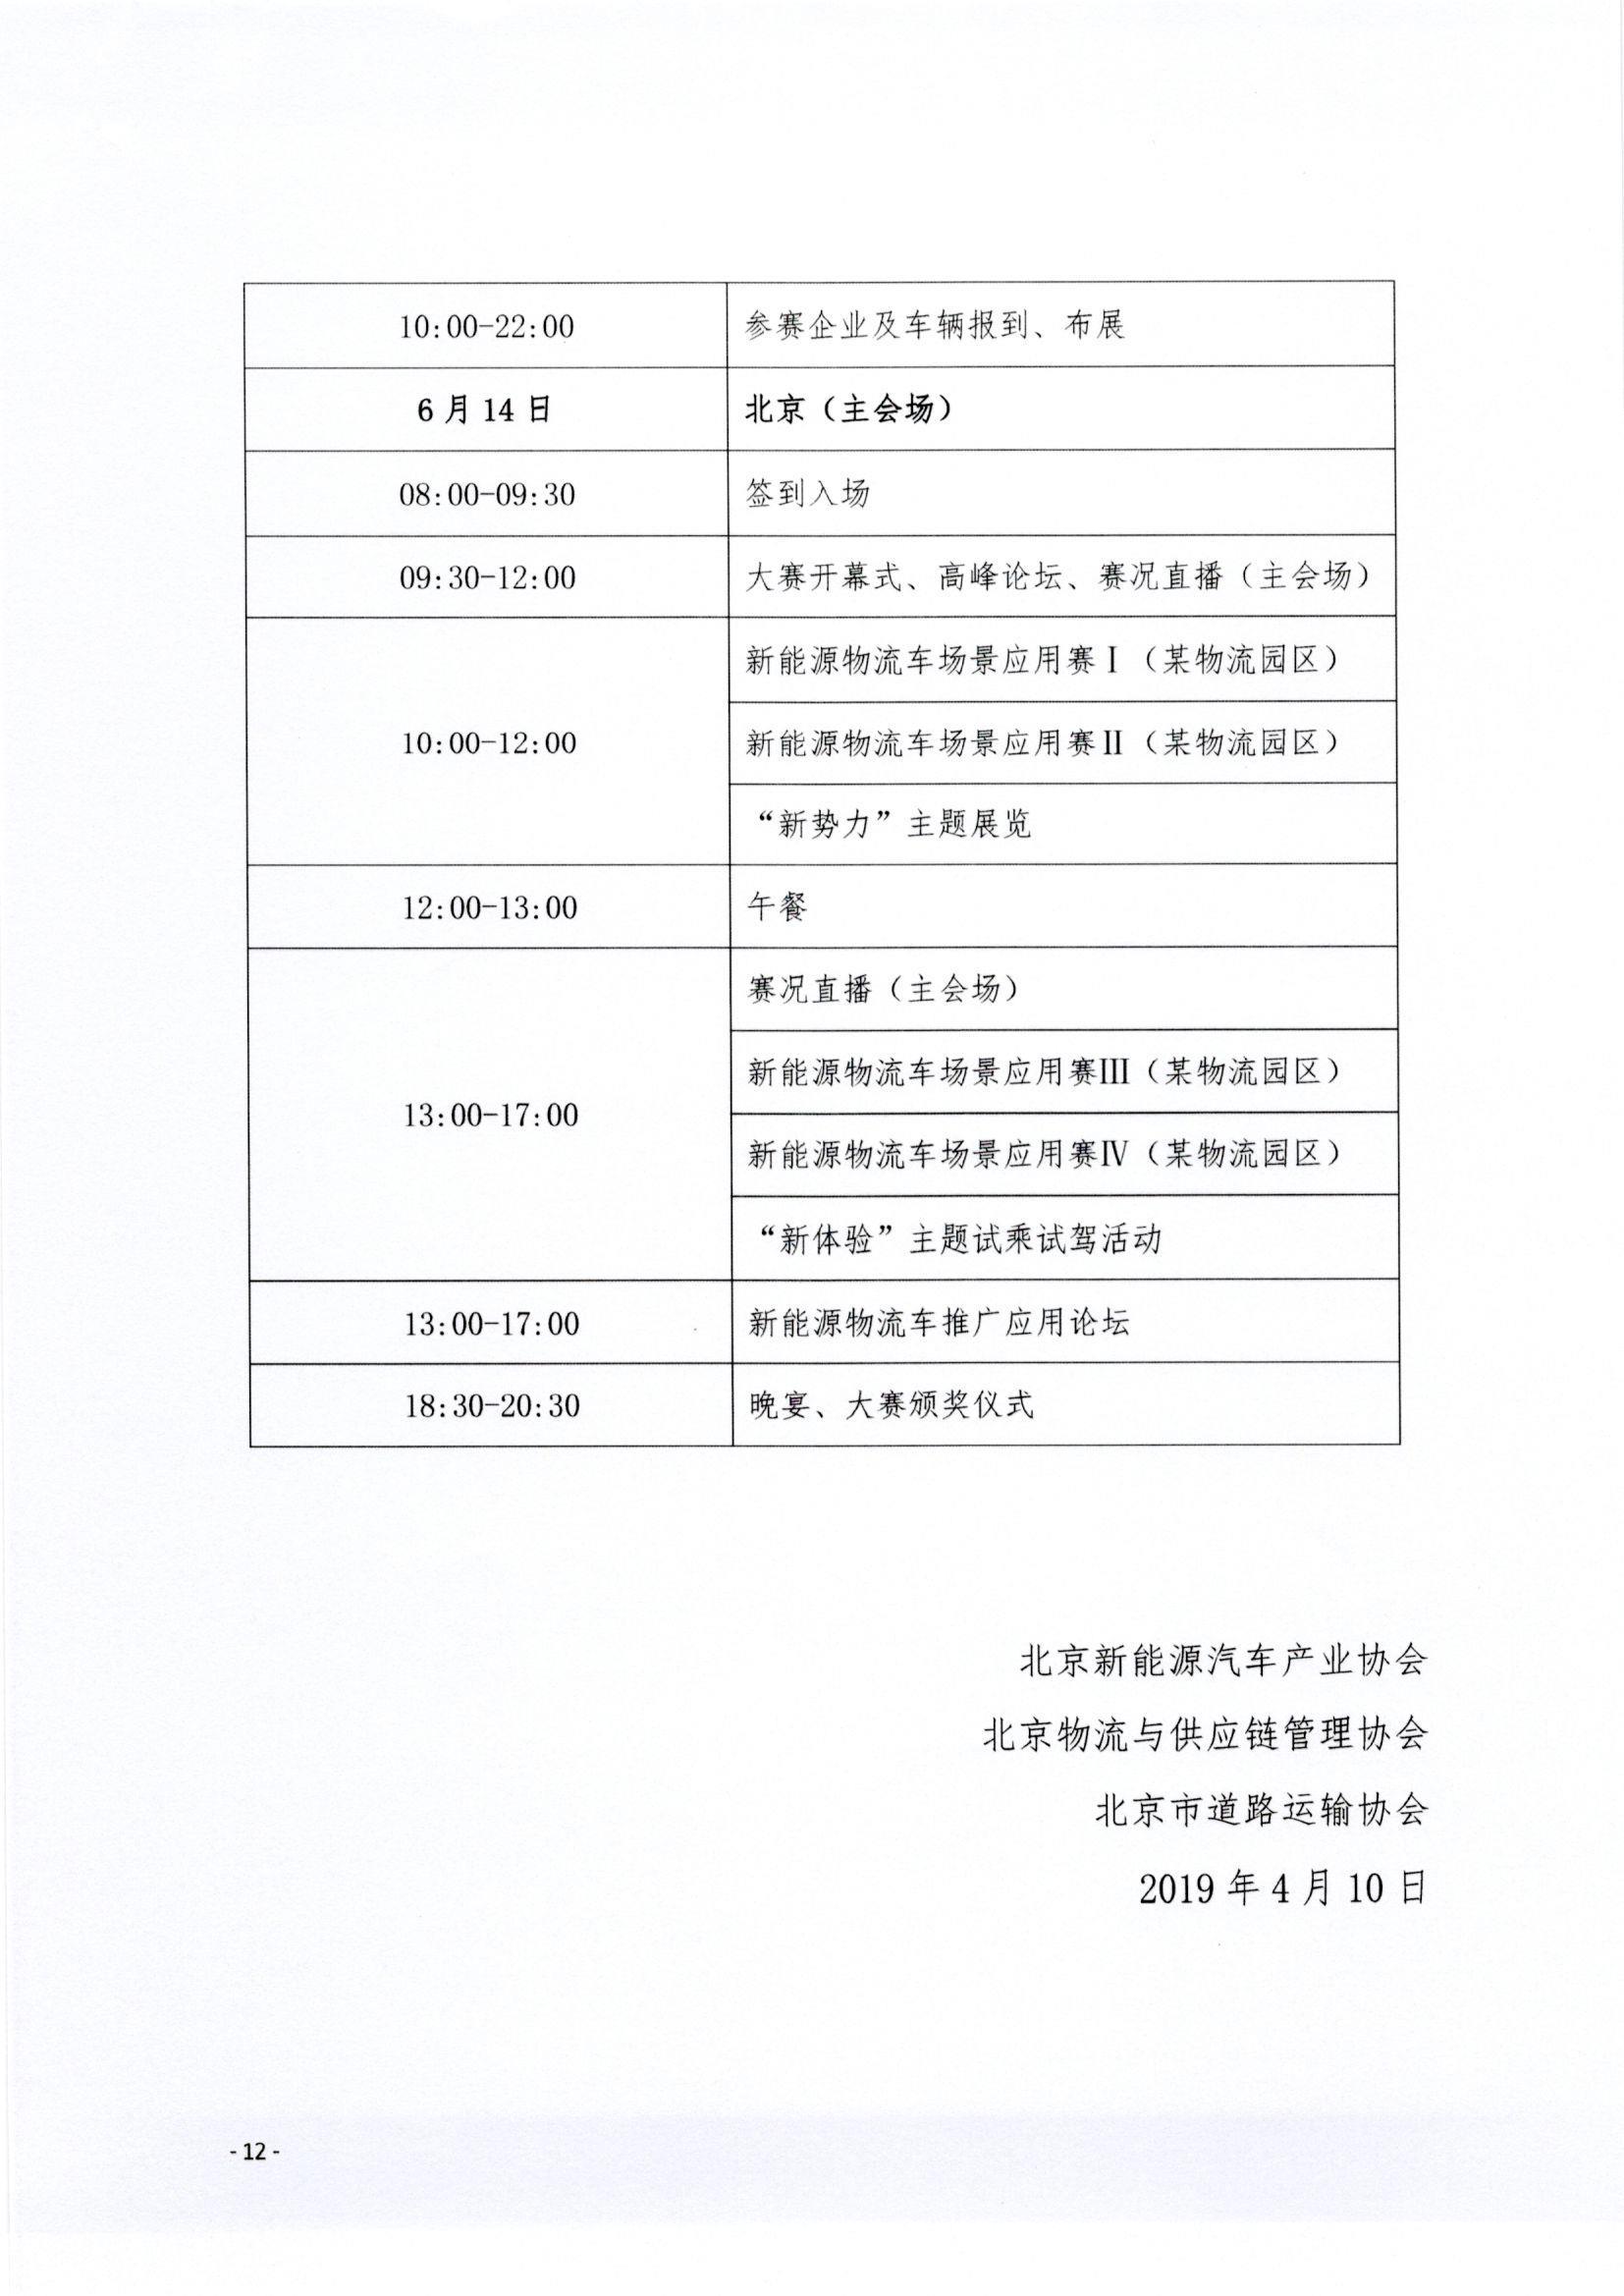 新能源物流车赛事(带方案)_页面_12.jpg